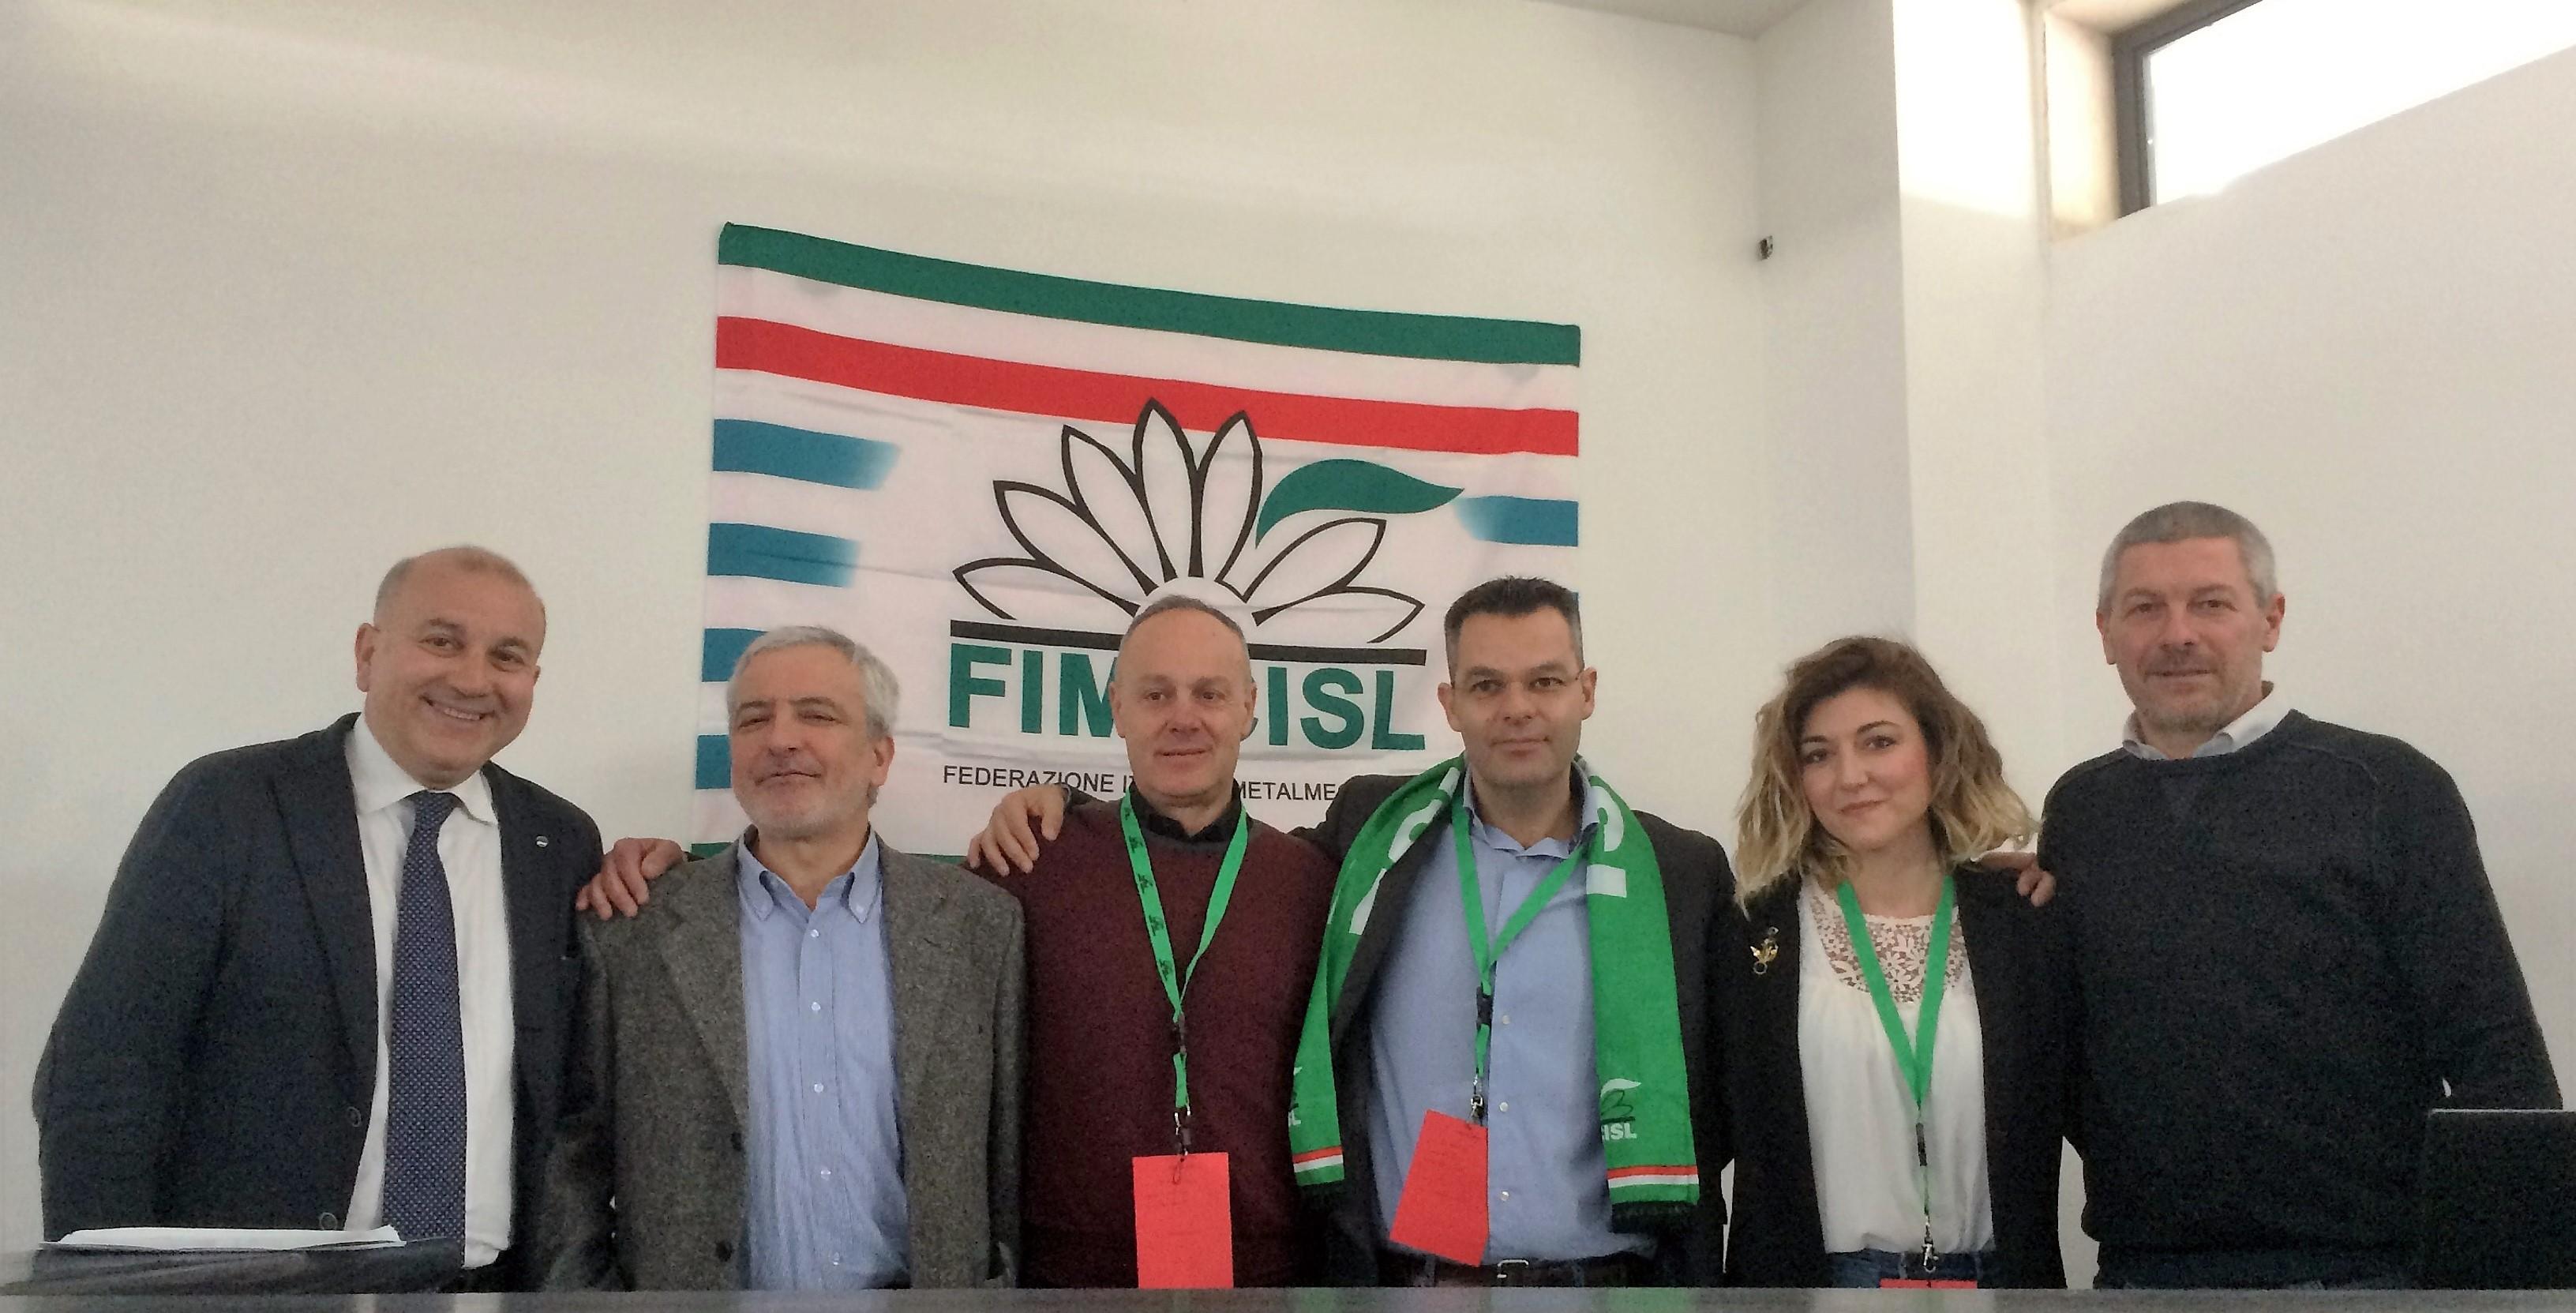 Il floridiano Roberto Getulio confermato segretario dei metalmeccanici della Cisl